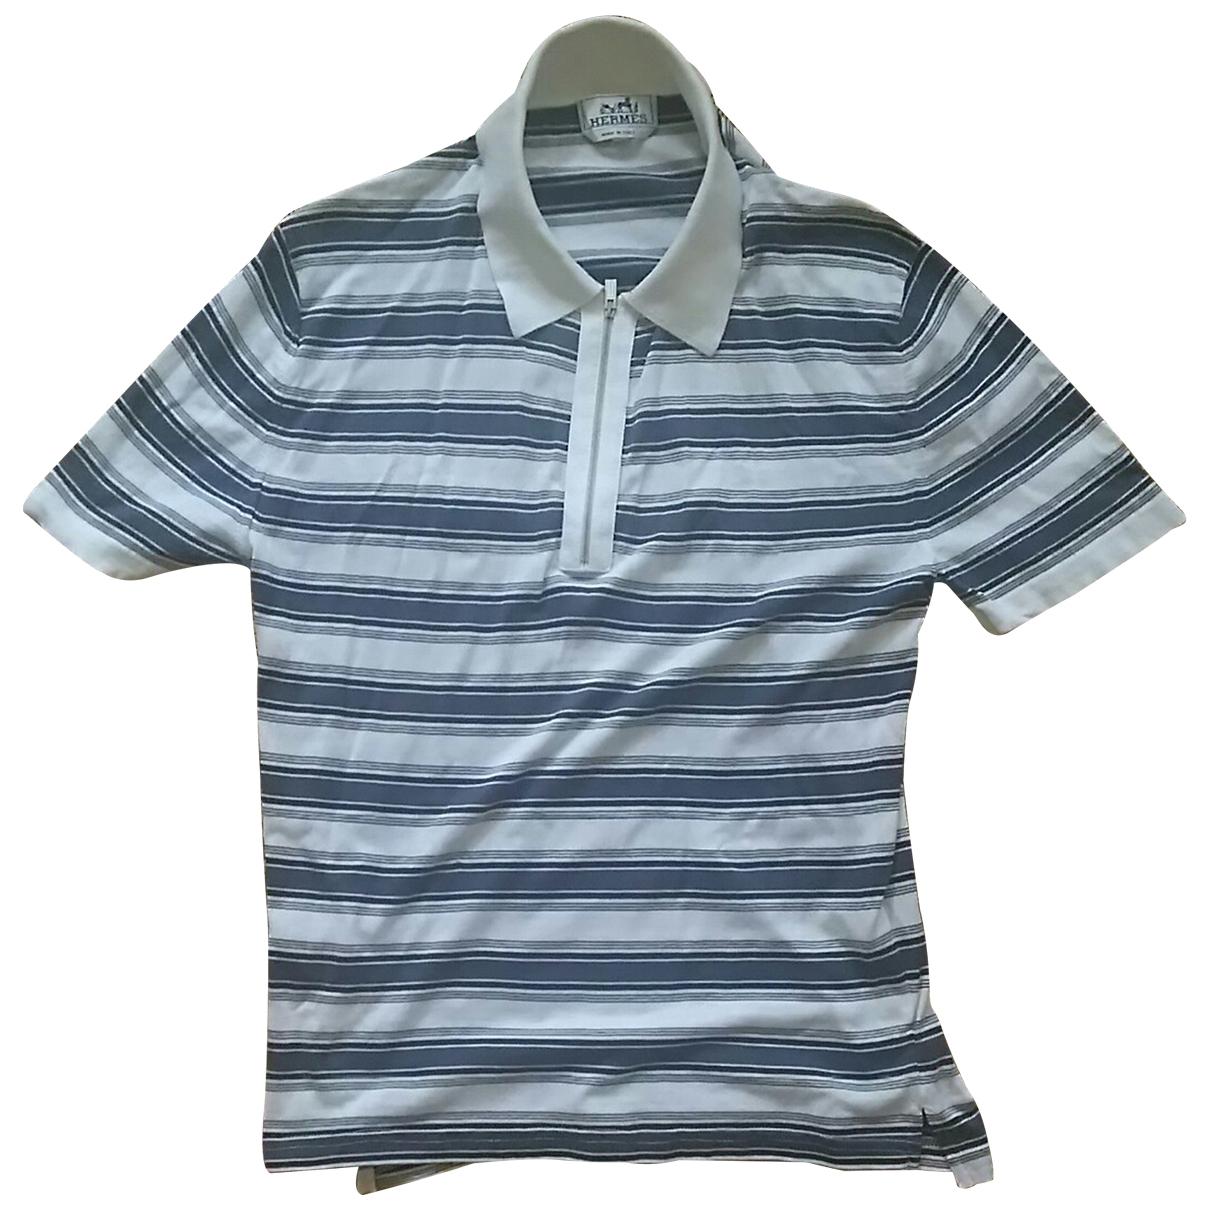 Hermes - Polos   pour homme en coton - multicolore